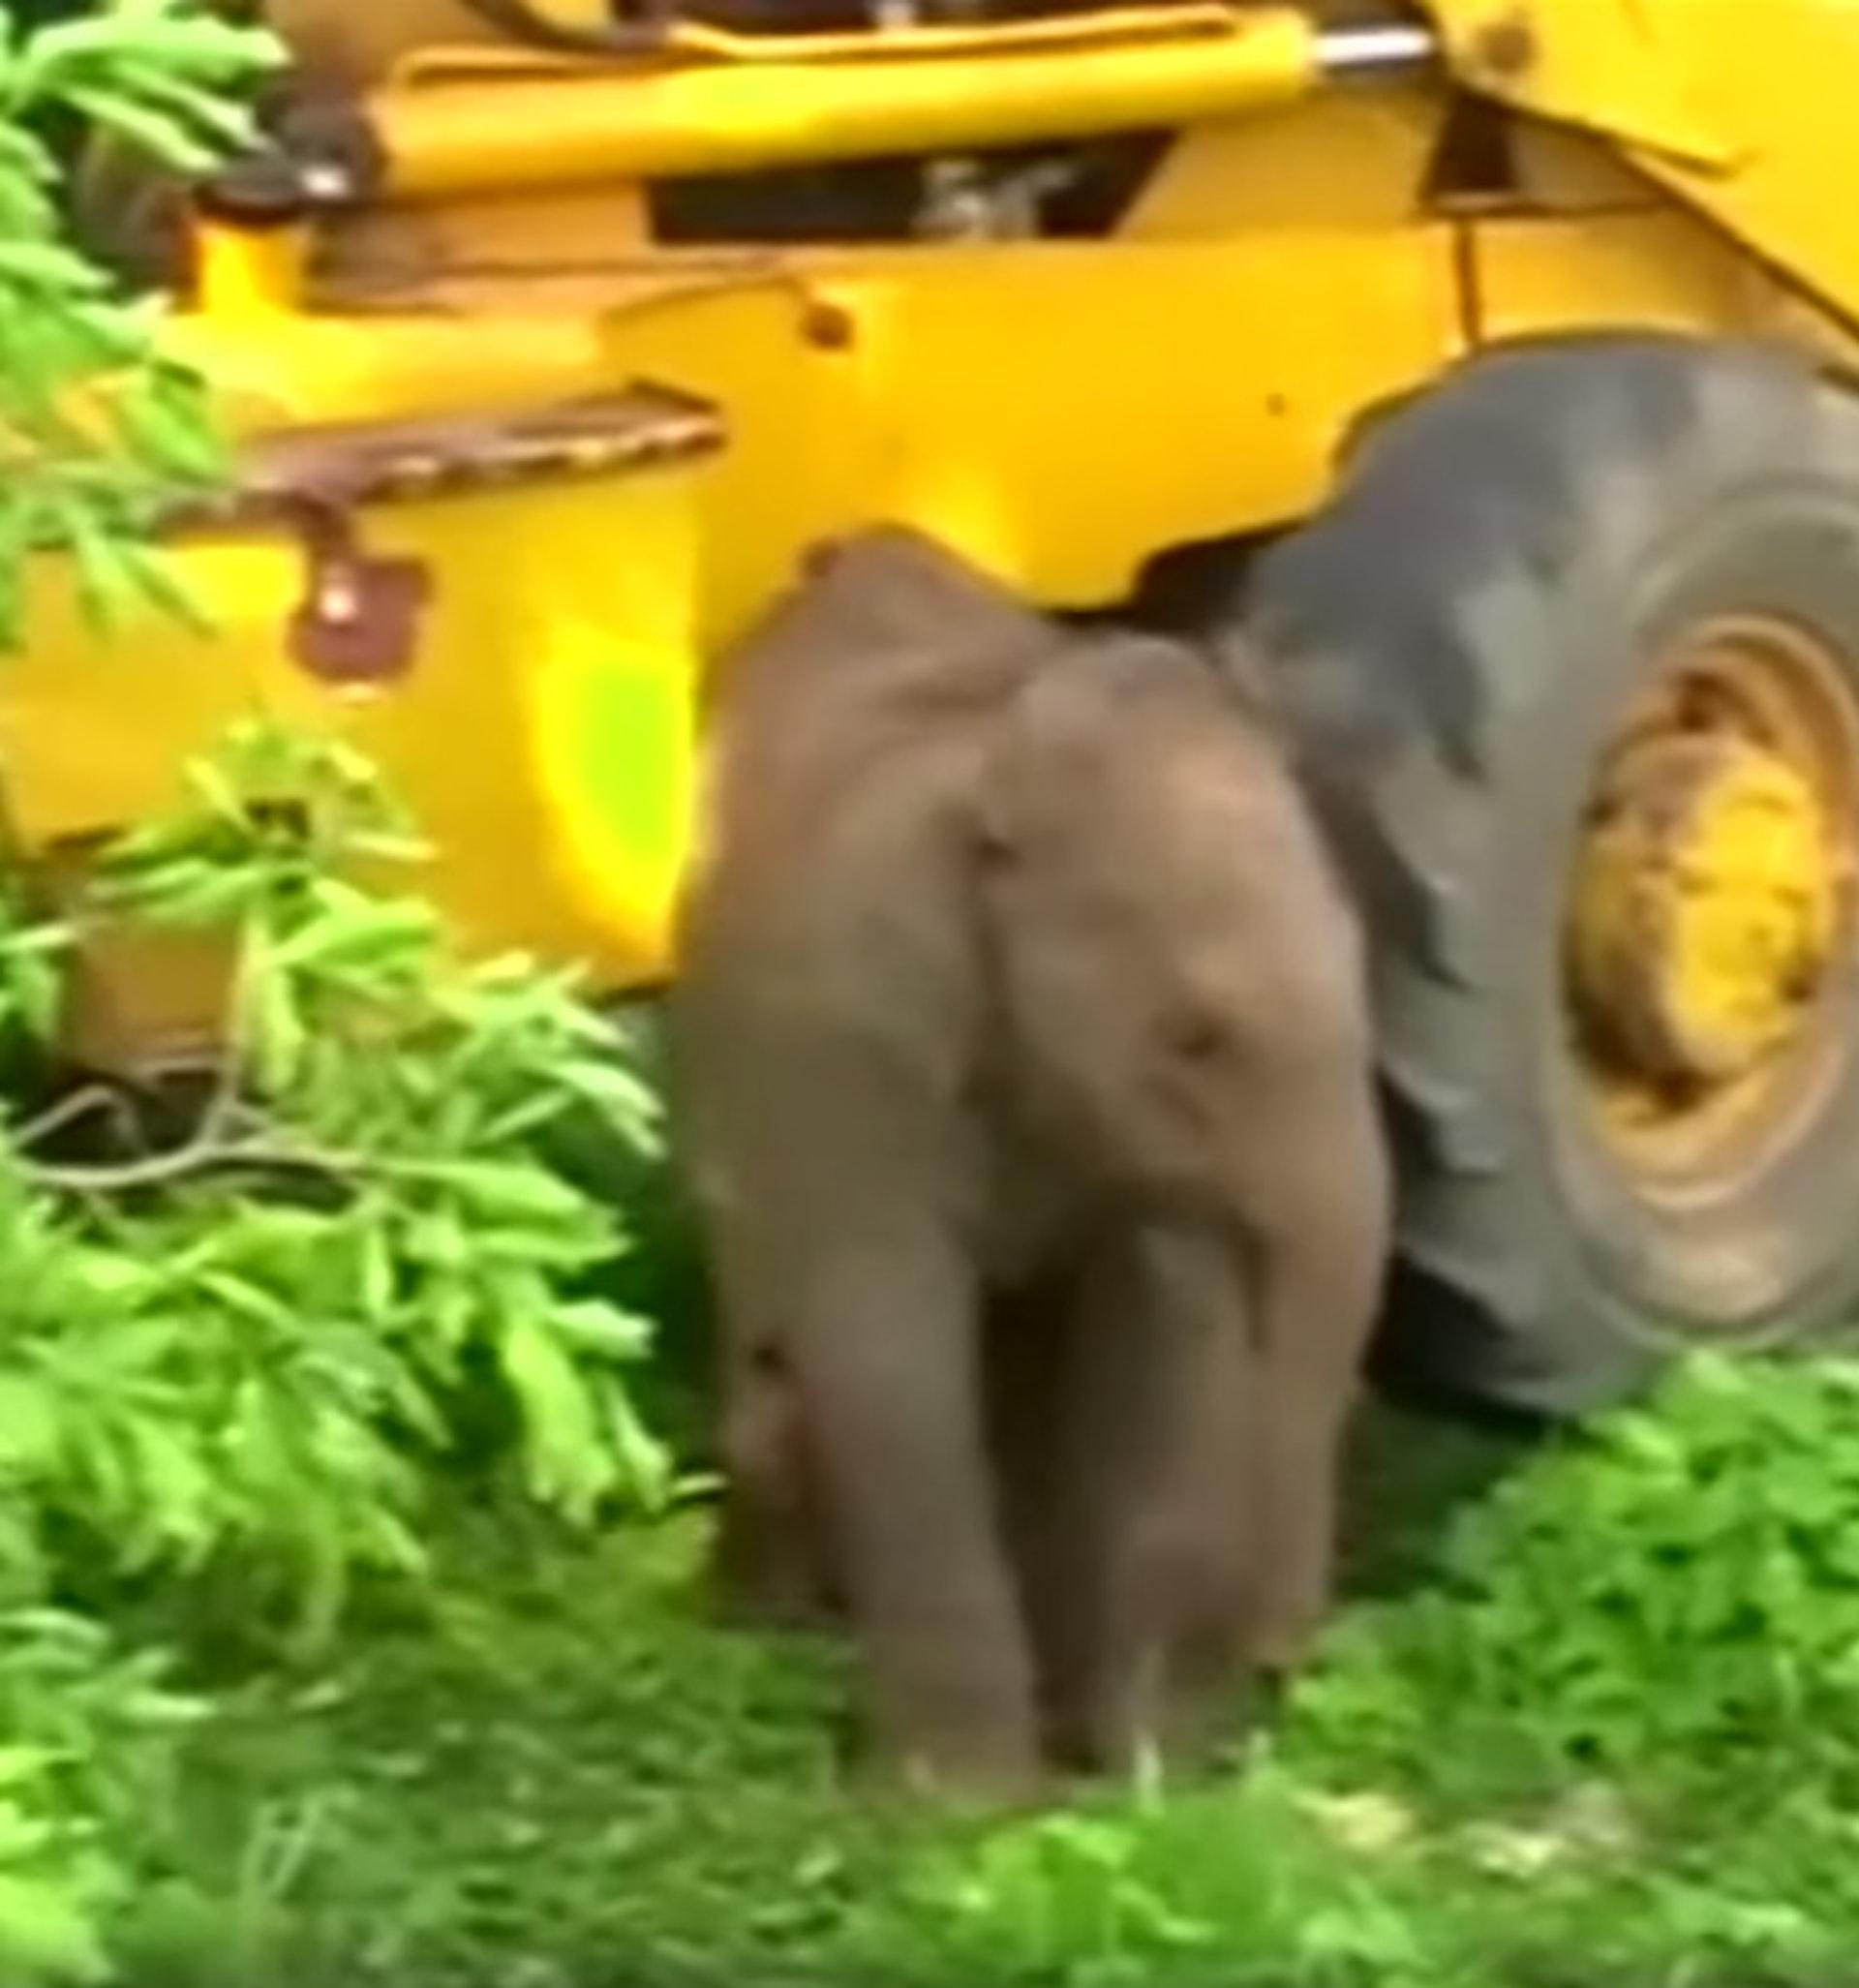 小象脫險後不肯離去,緊緊依偎着挖泥機。(ABC影片截圖)